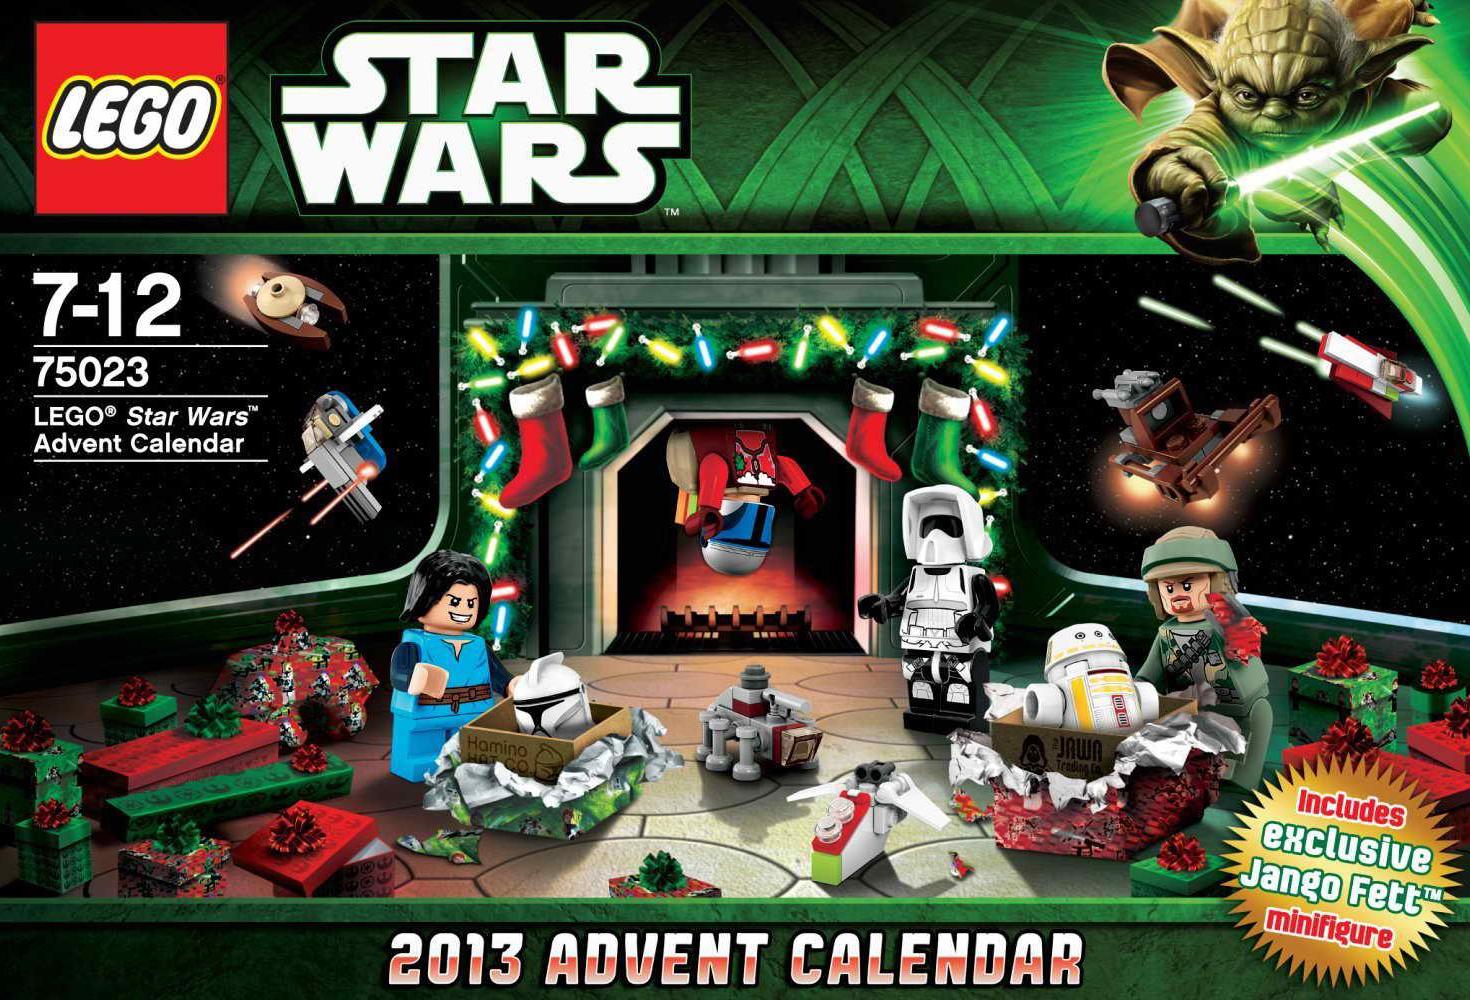 Lego Star Wars 2013 Advent Calendar Discounted | Galactic in Lego Star Wars Calendar 2013